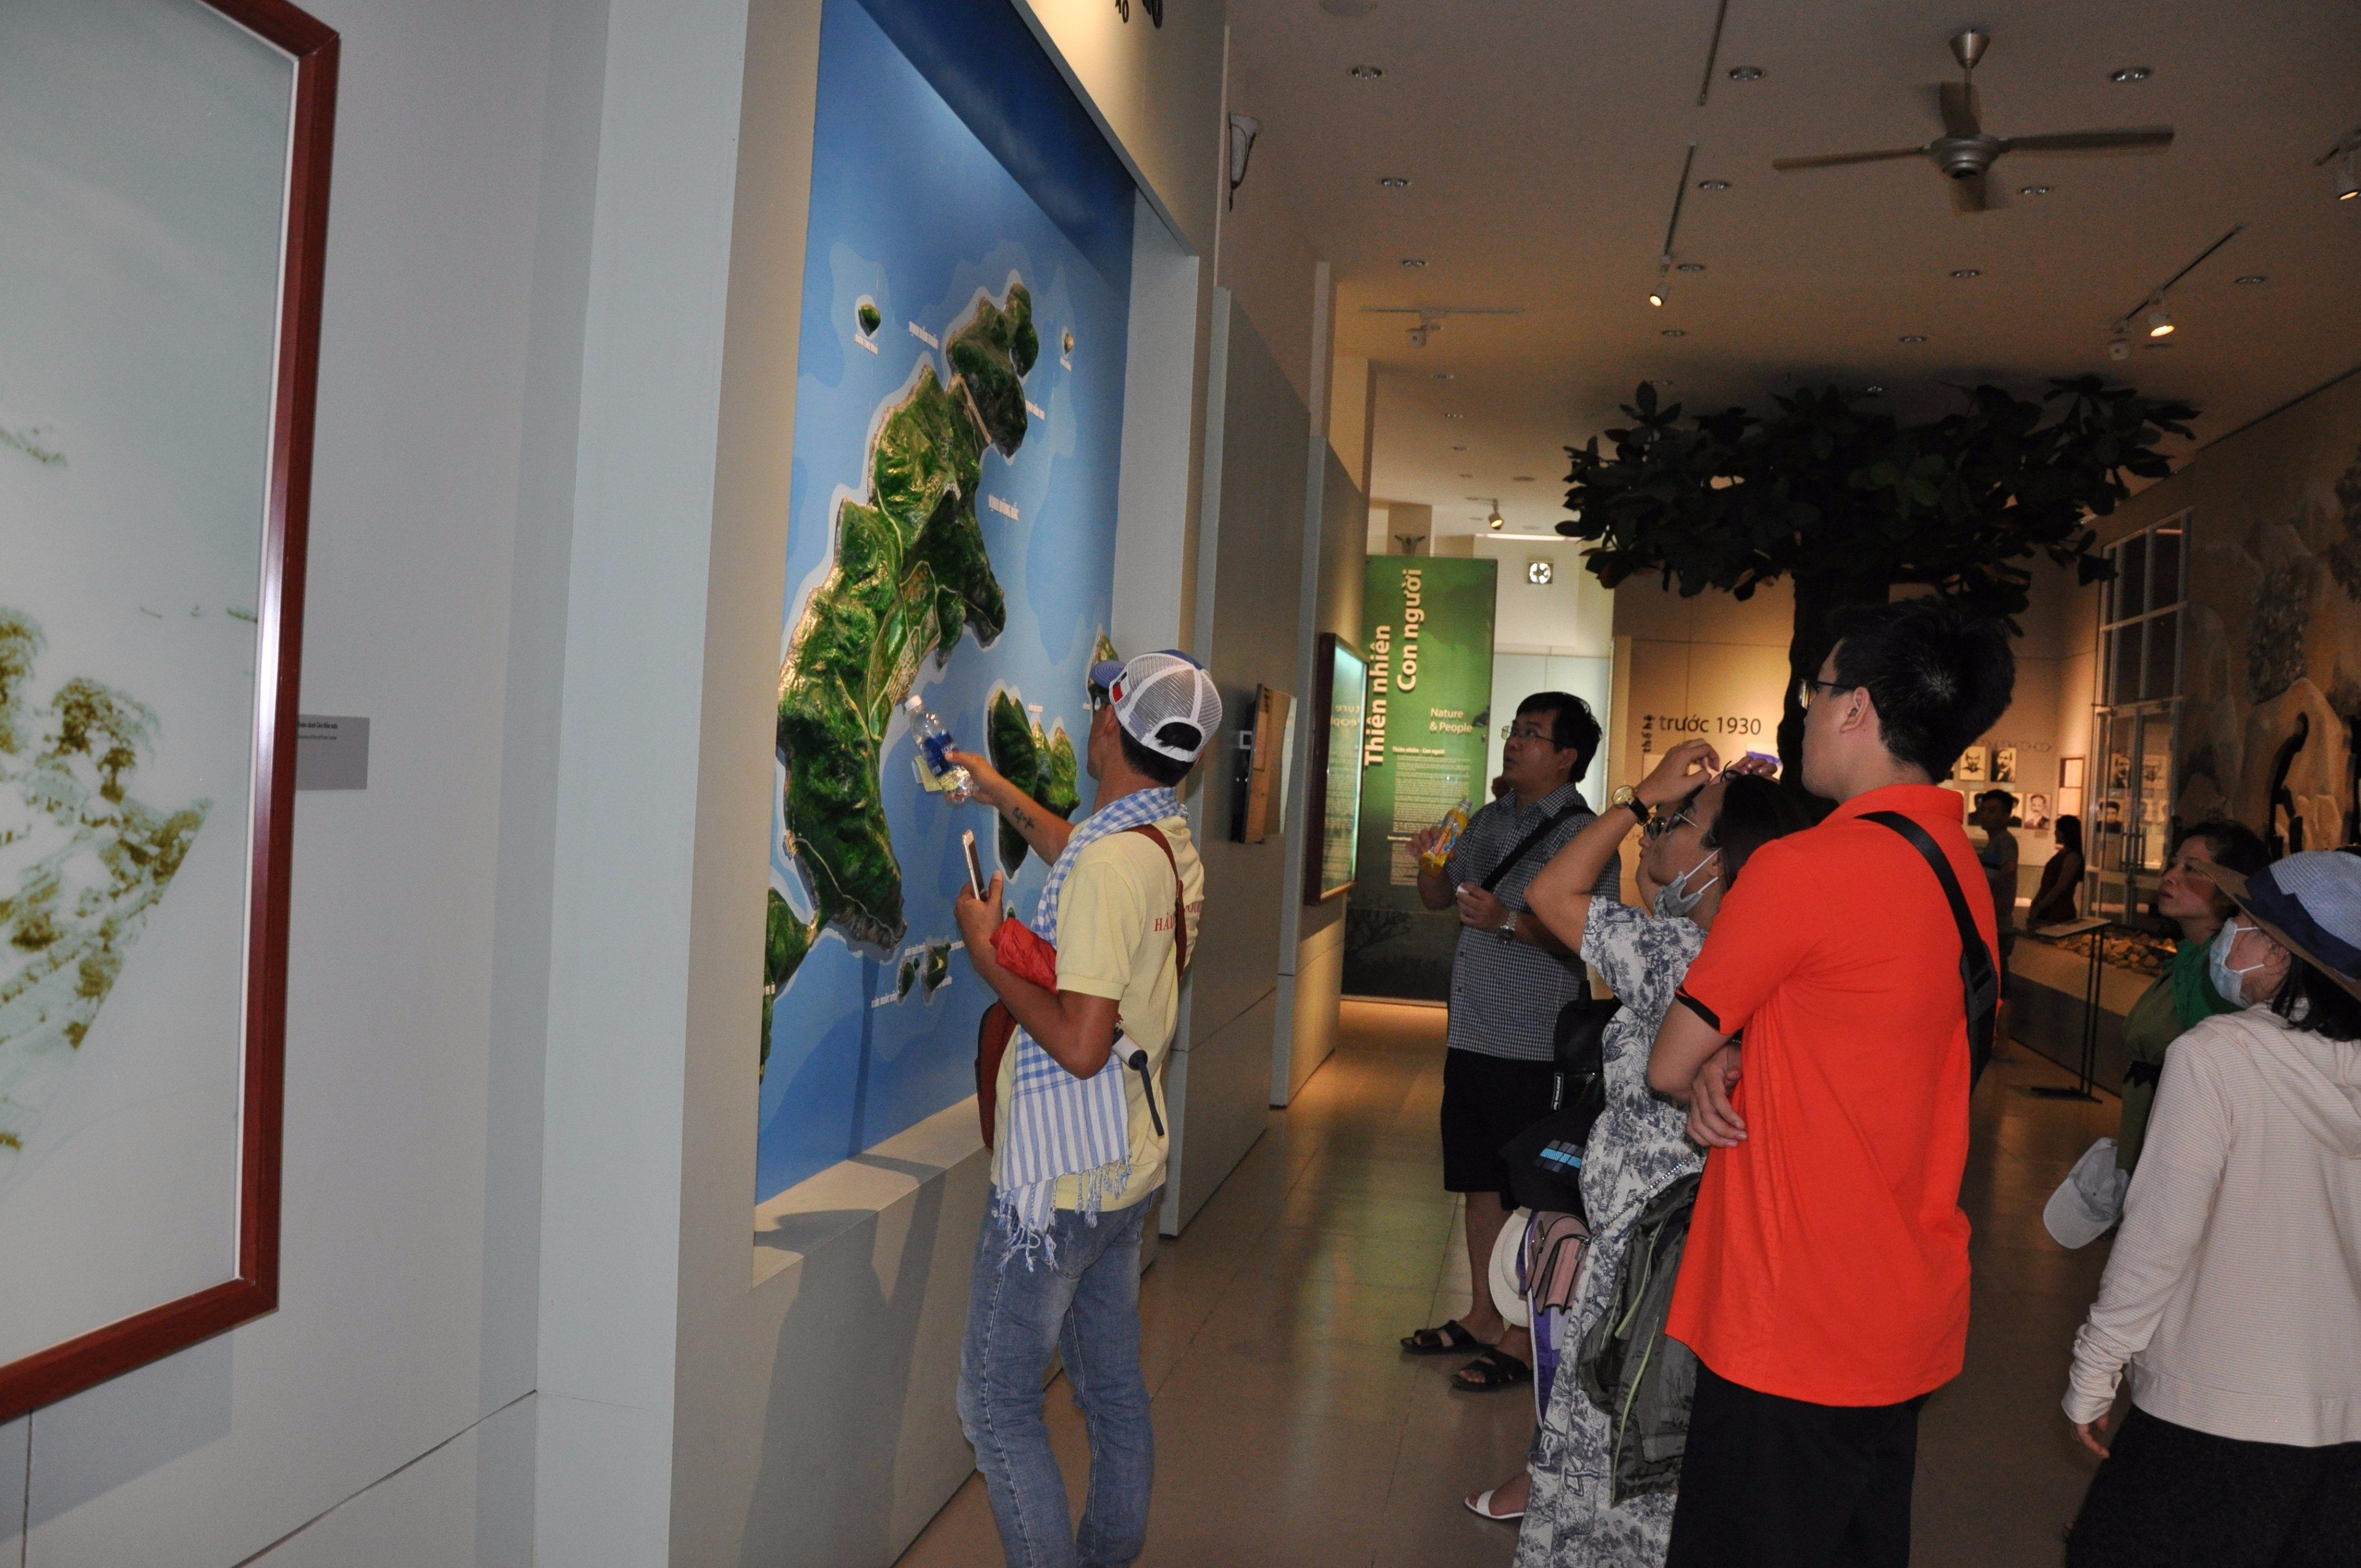 Quỹ Đầu tư phát triển tổ chức chuyến đi về nguồn năm 2019 tại Côn Đảo